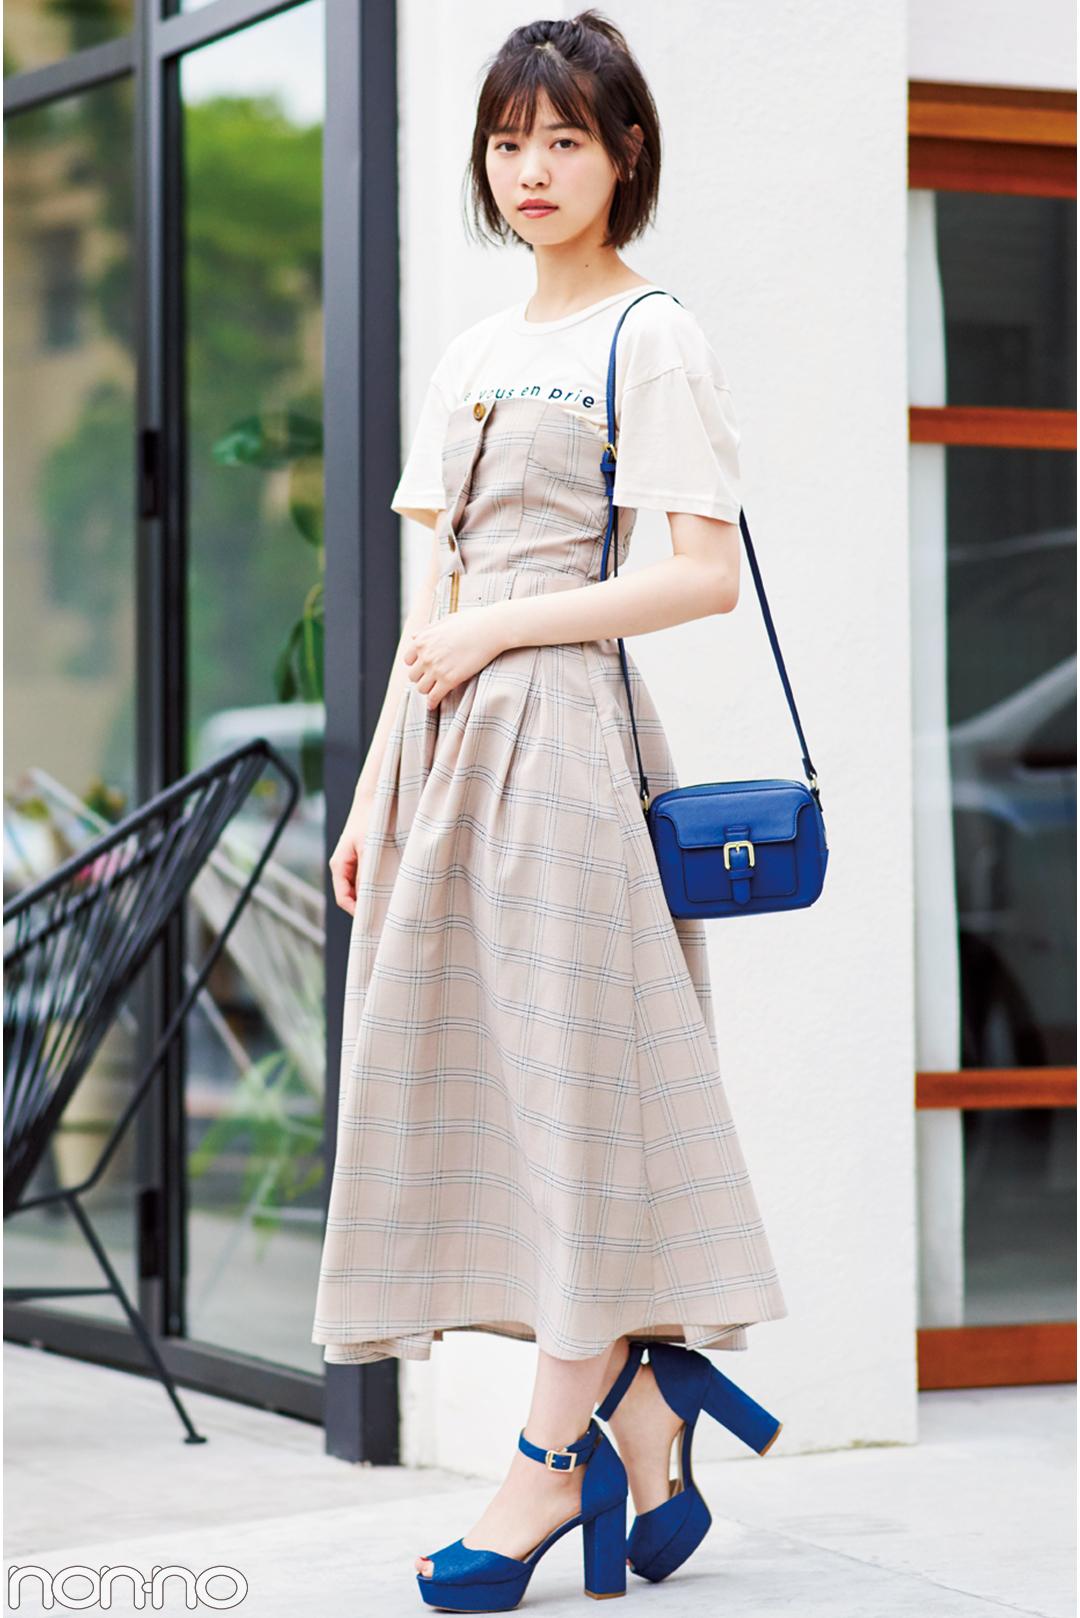 西野七瀬の夏スタイル♡ ロゴTシャツ着回しコーデ1×3!_1_3-2